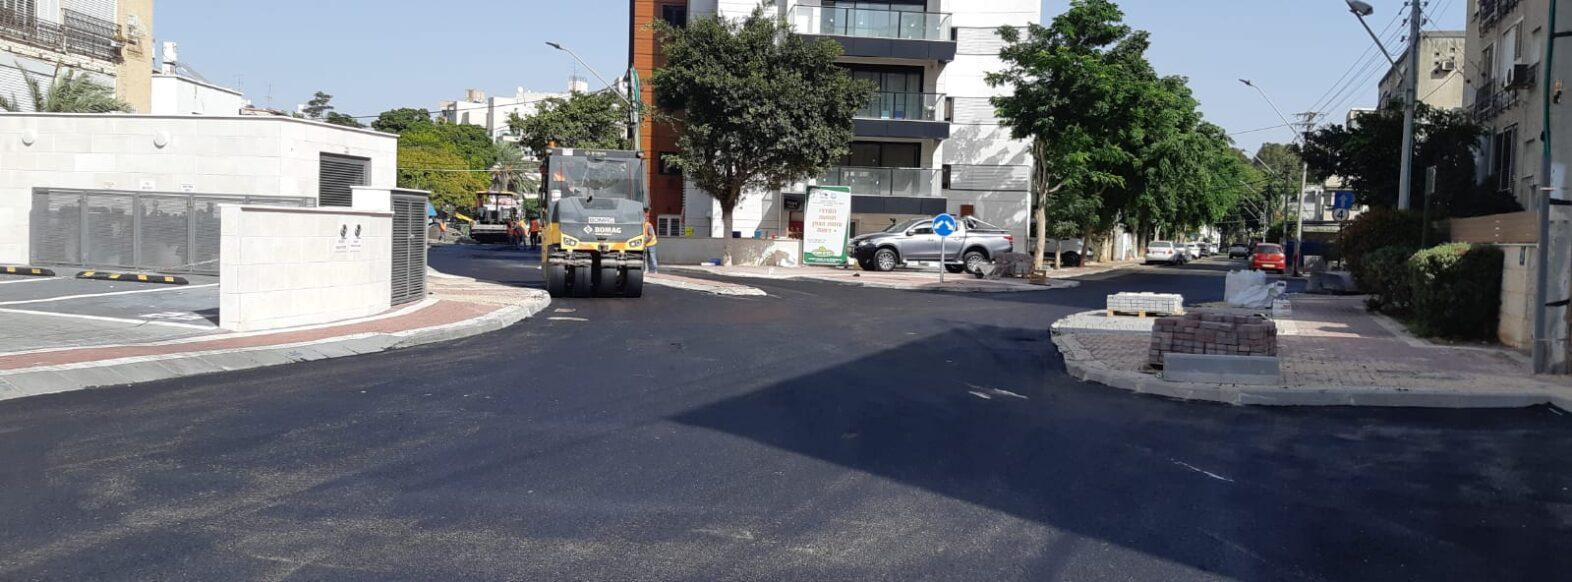 סוף לתאונות בצומת הרחובות הגפן ודפנה בקריית ביאליק